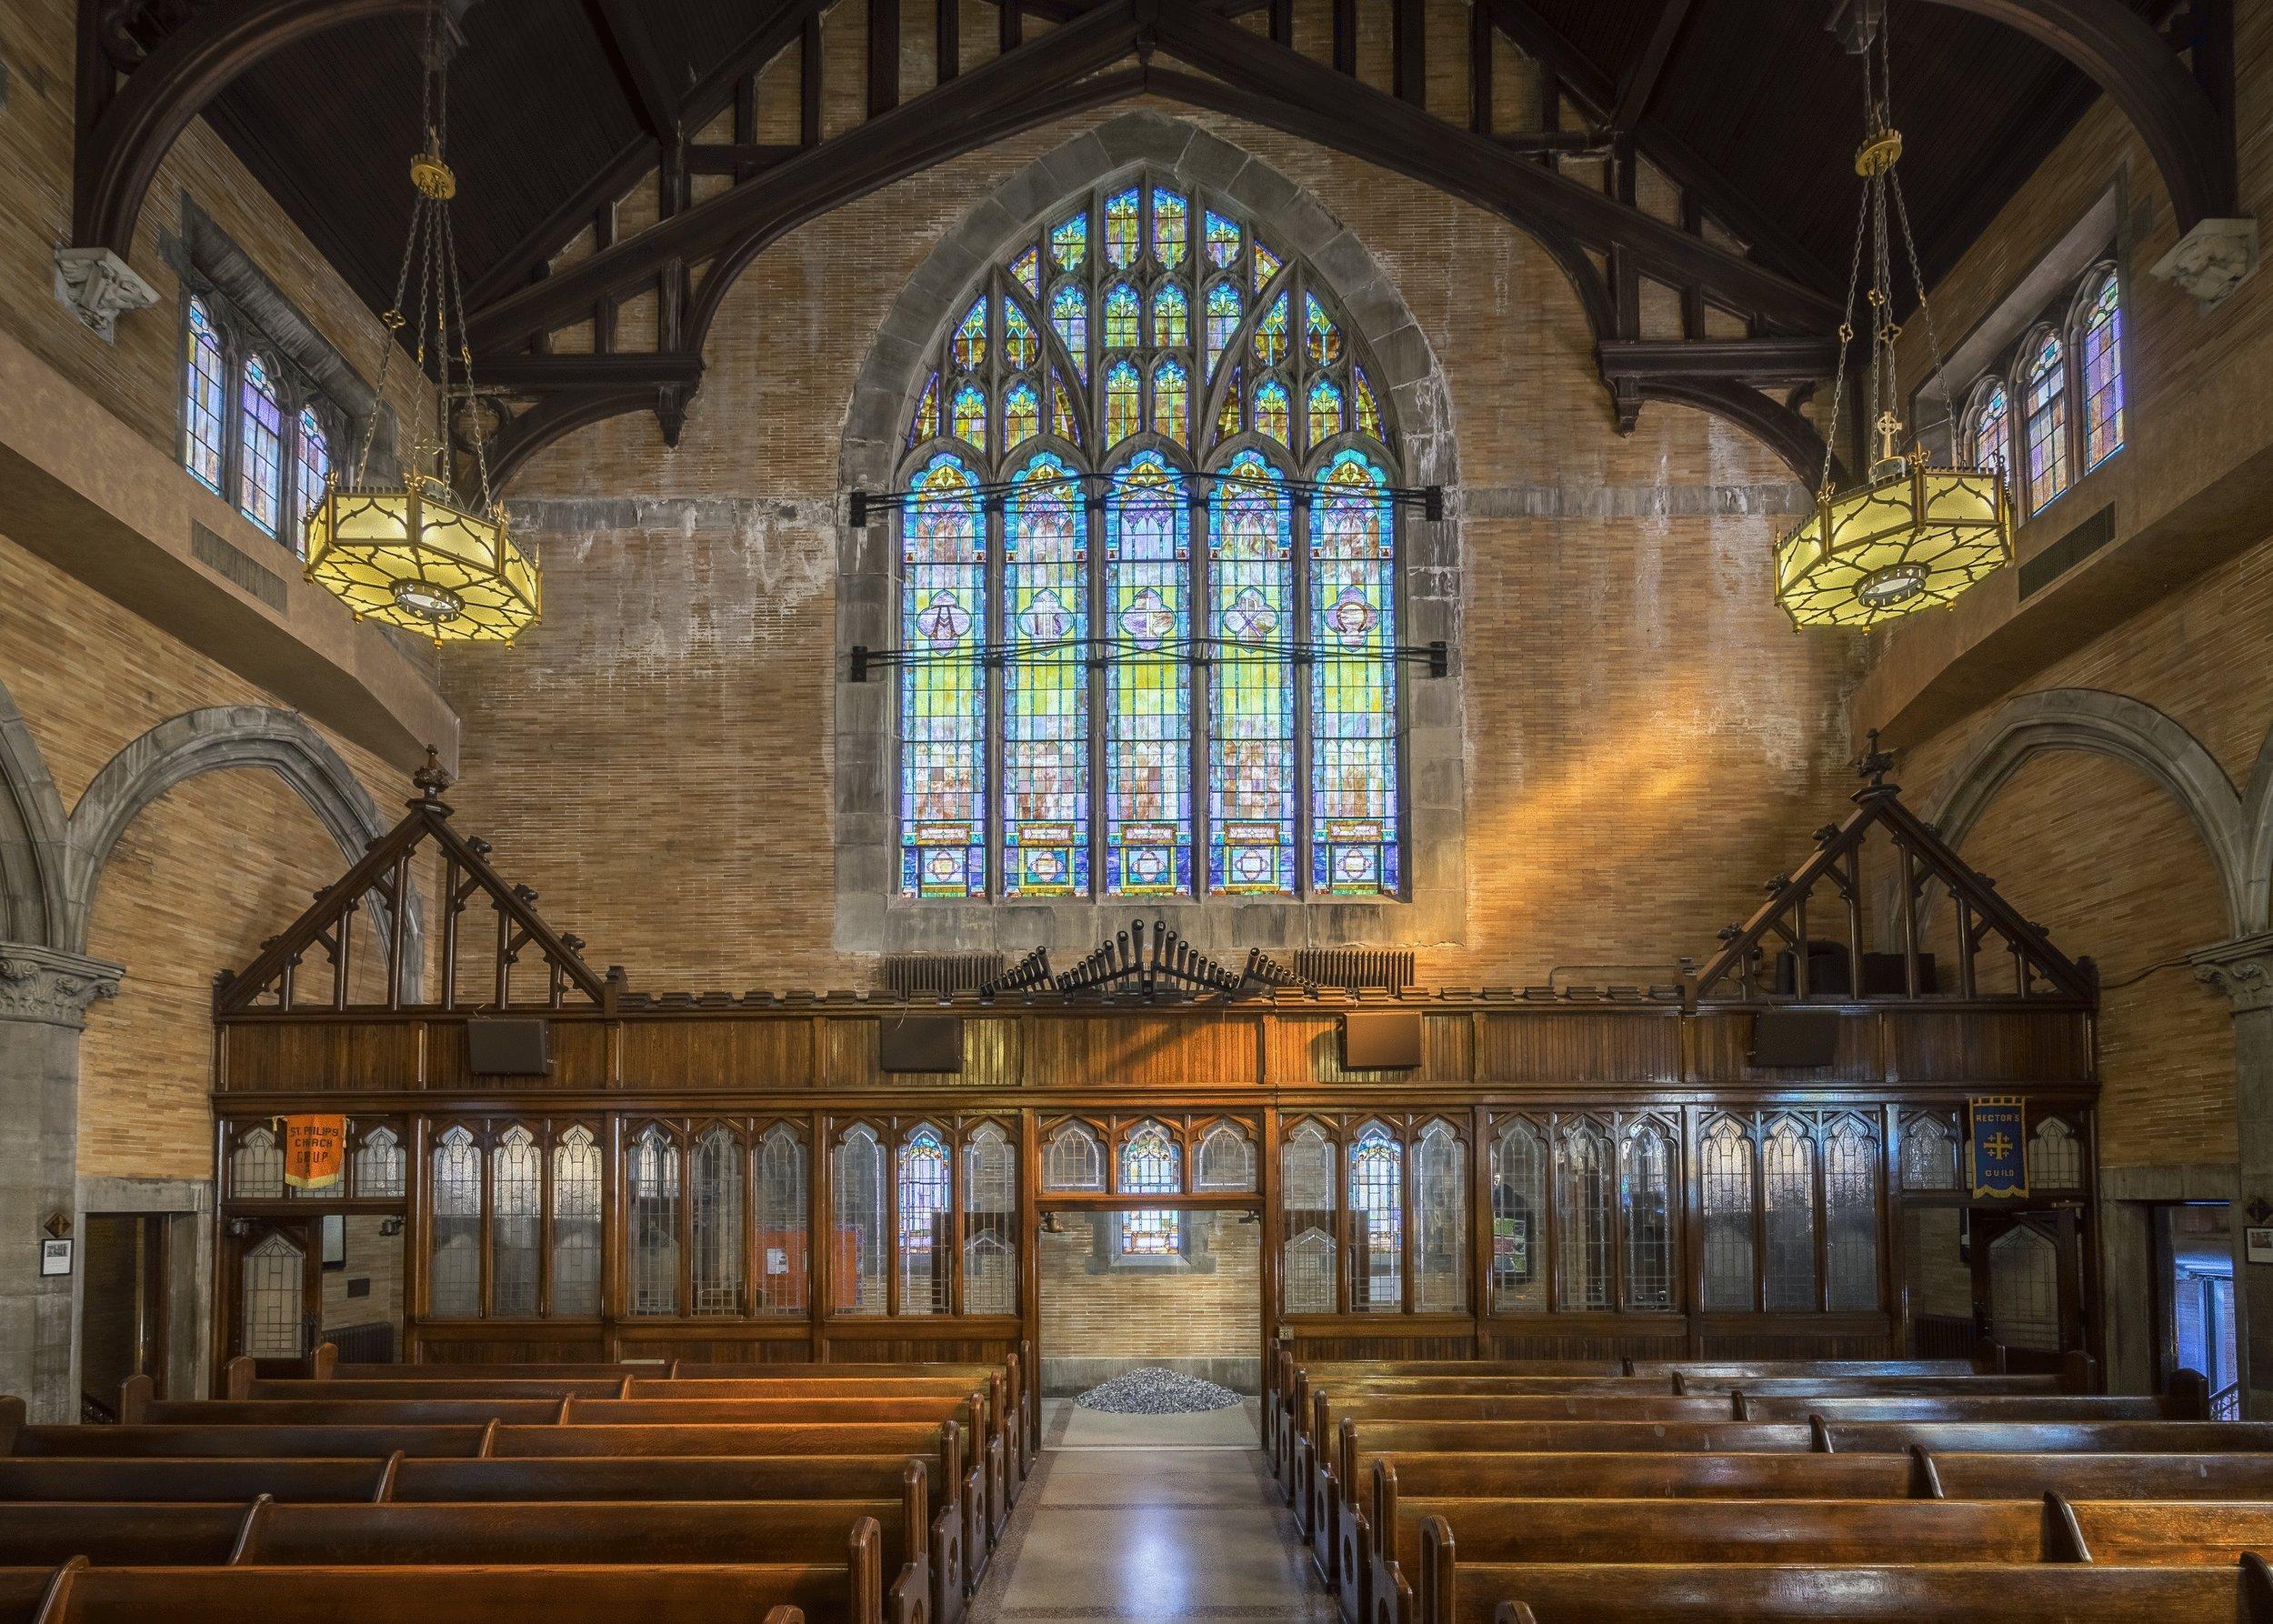 A Museum Artwork in a Church